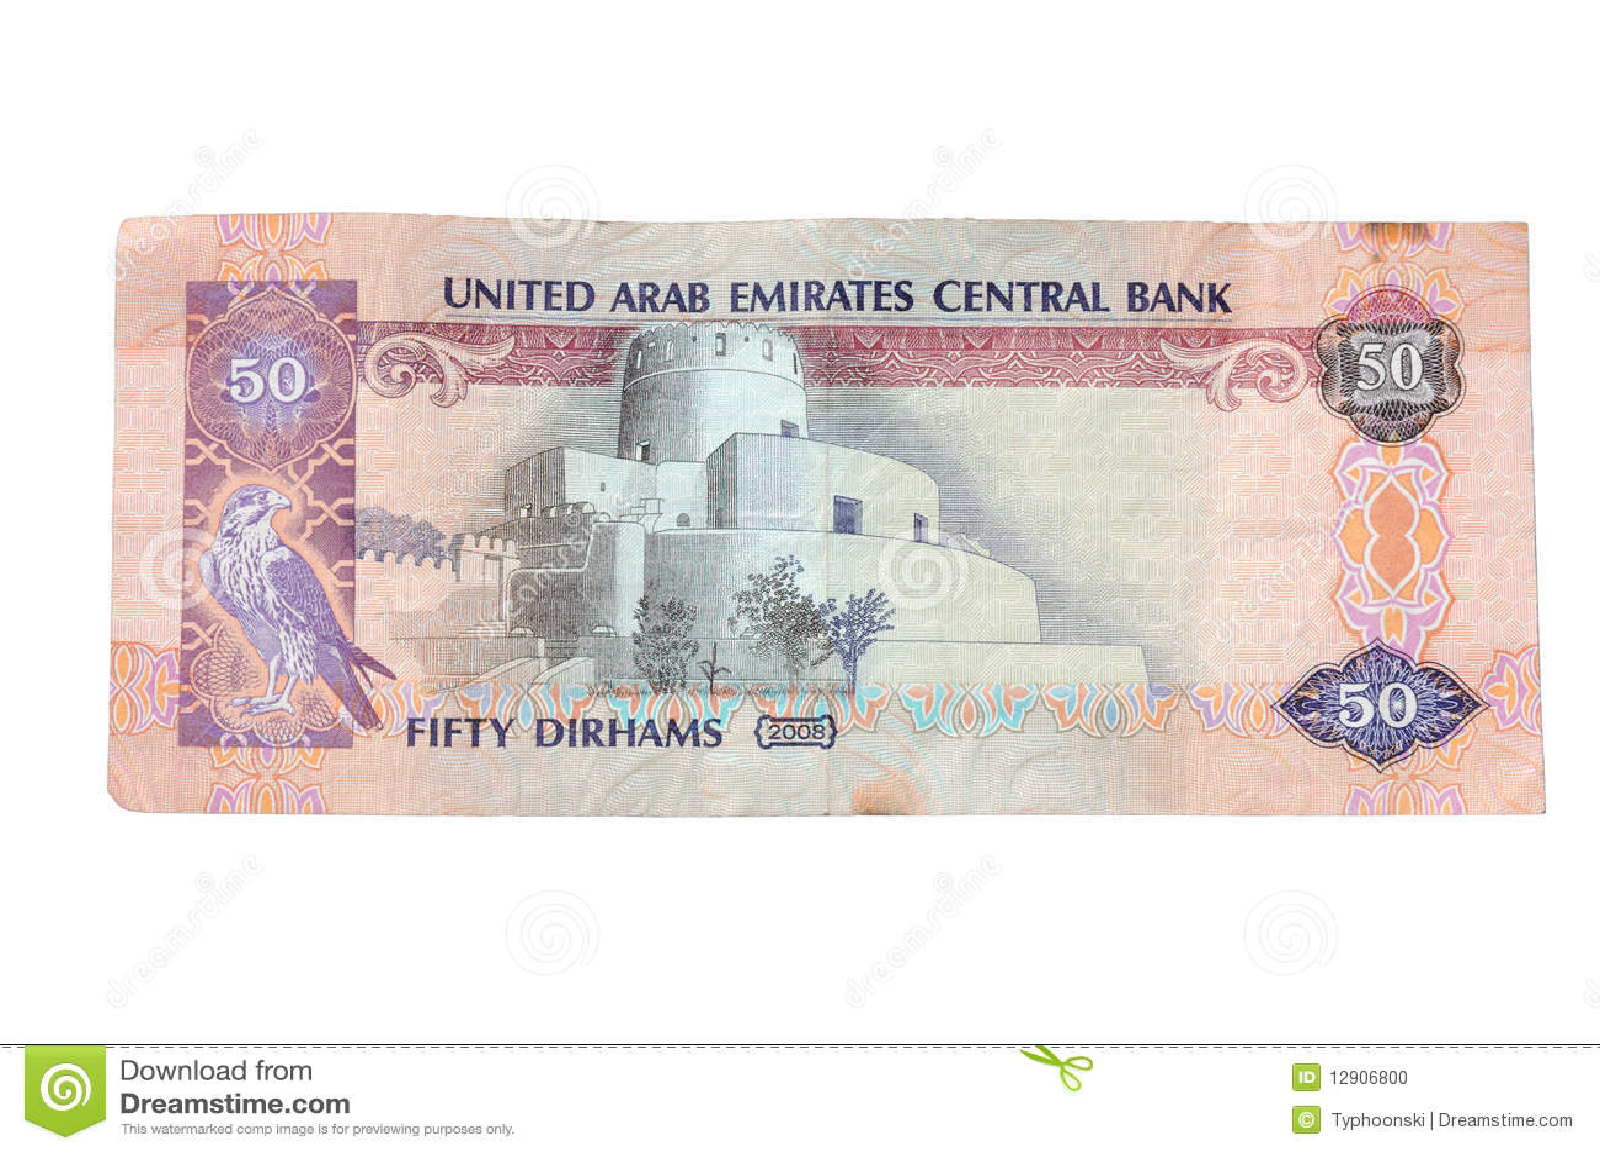 Uae Dirham 50 Fifty Dirham st...